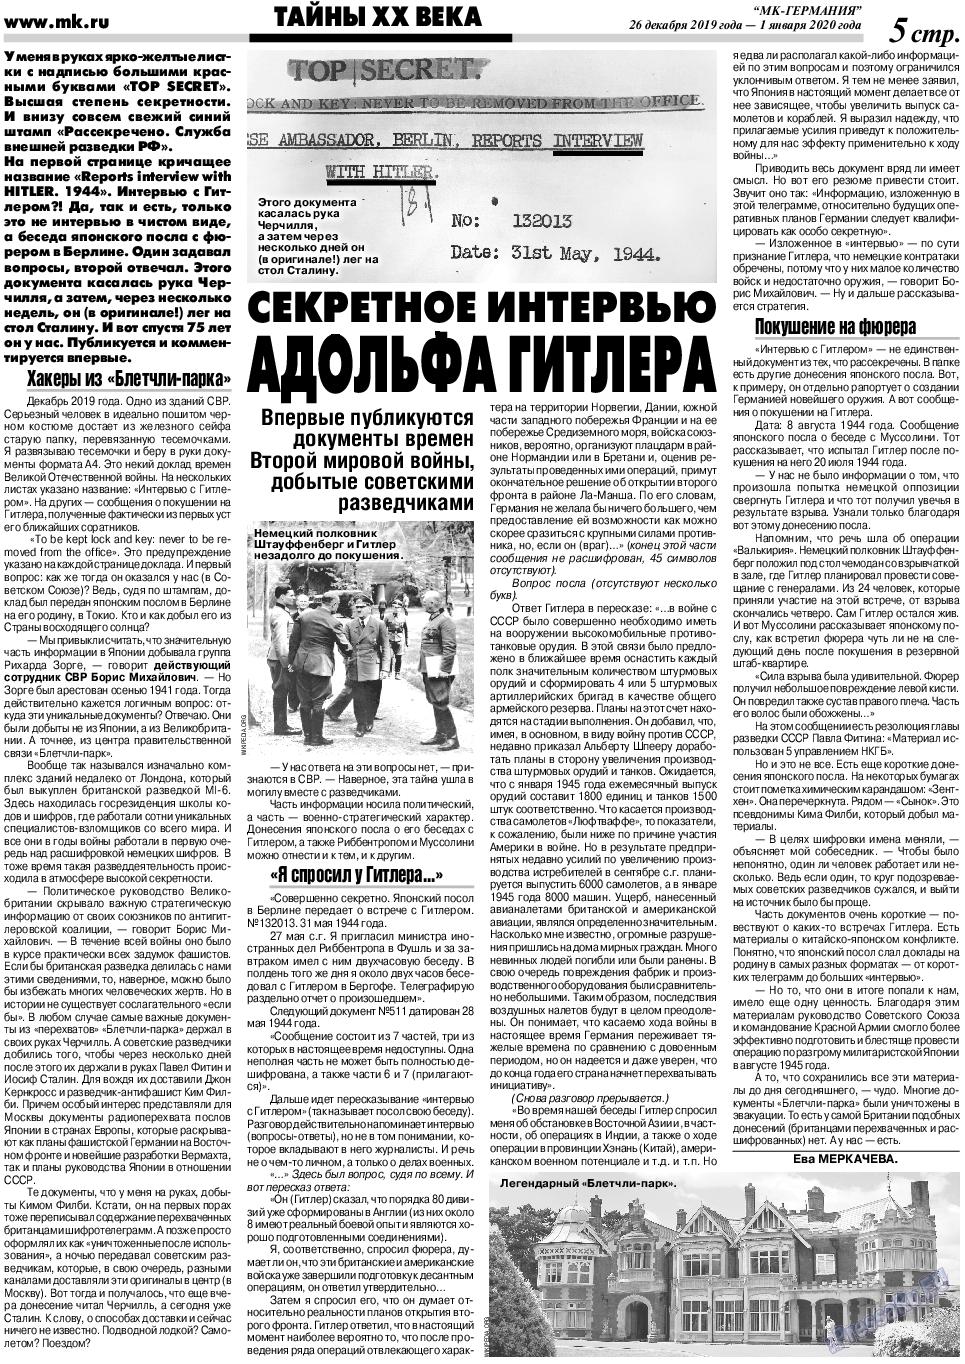 МК-Германия (газета). 2019 год, номер 53, стр. 5